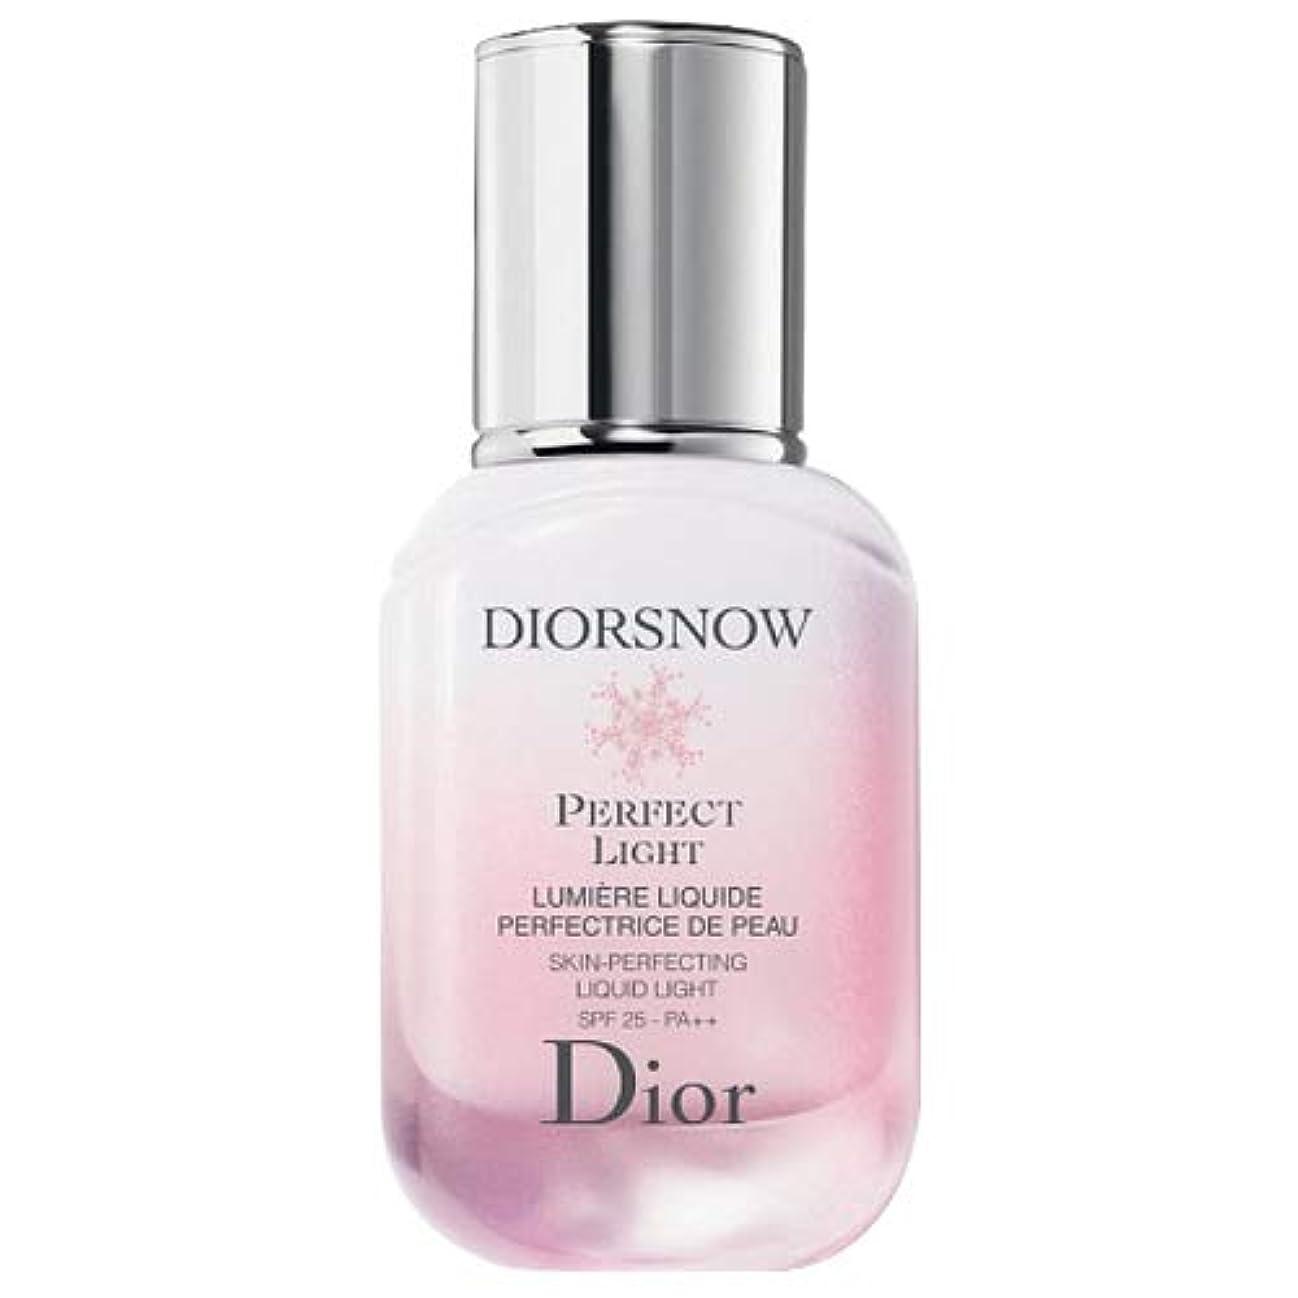 マオリアルコーブ浸すクリスチャンディオール Christian Dior スノーパーフェクト ライト SPF25/PA++ 30mL [並行輸入品]